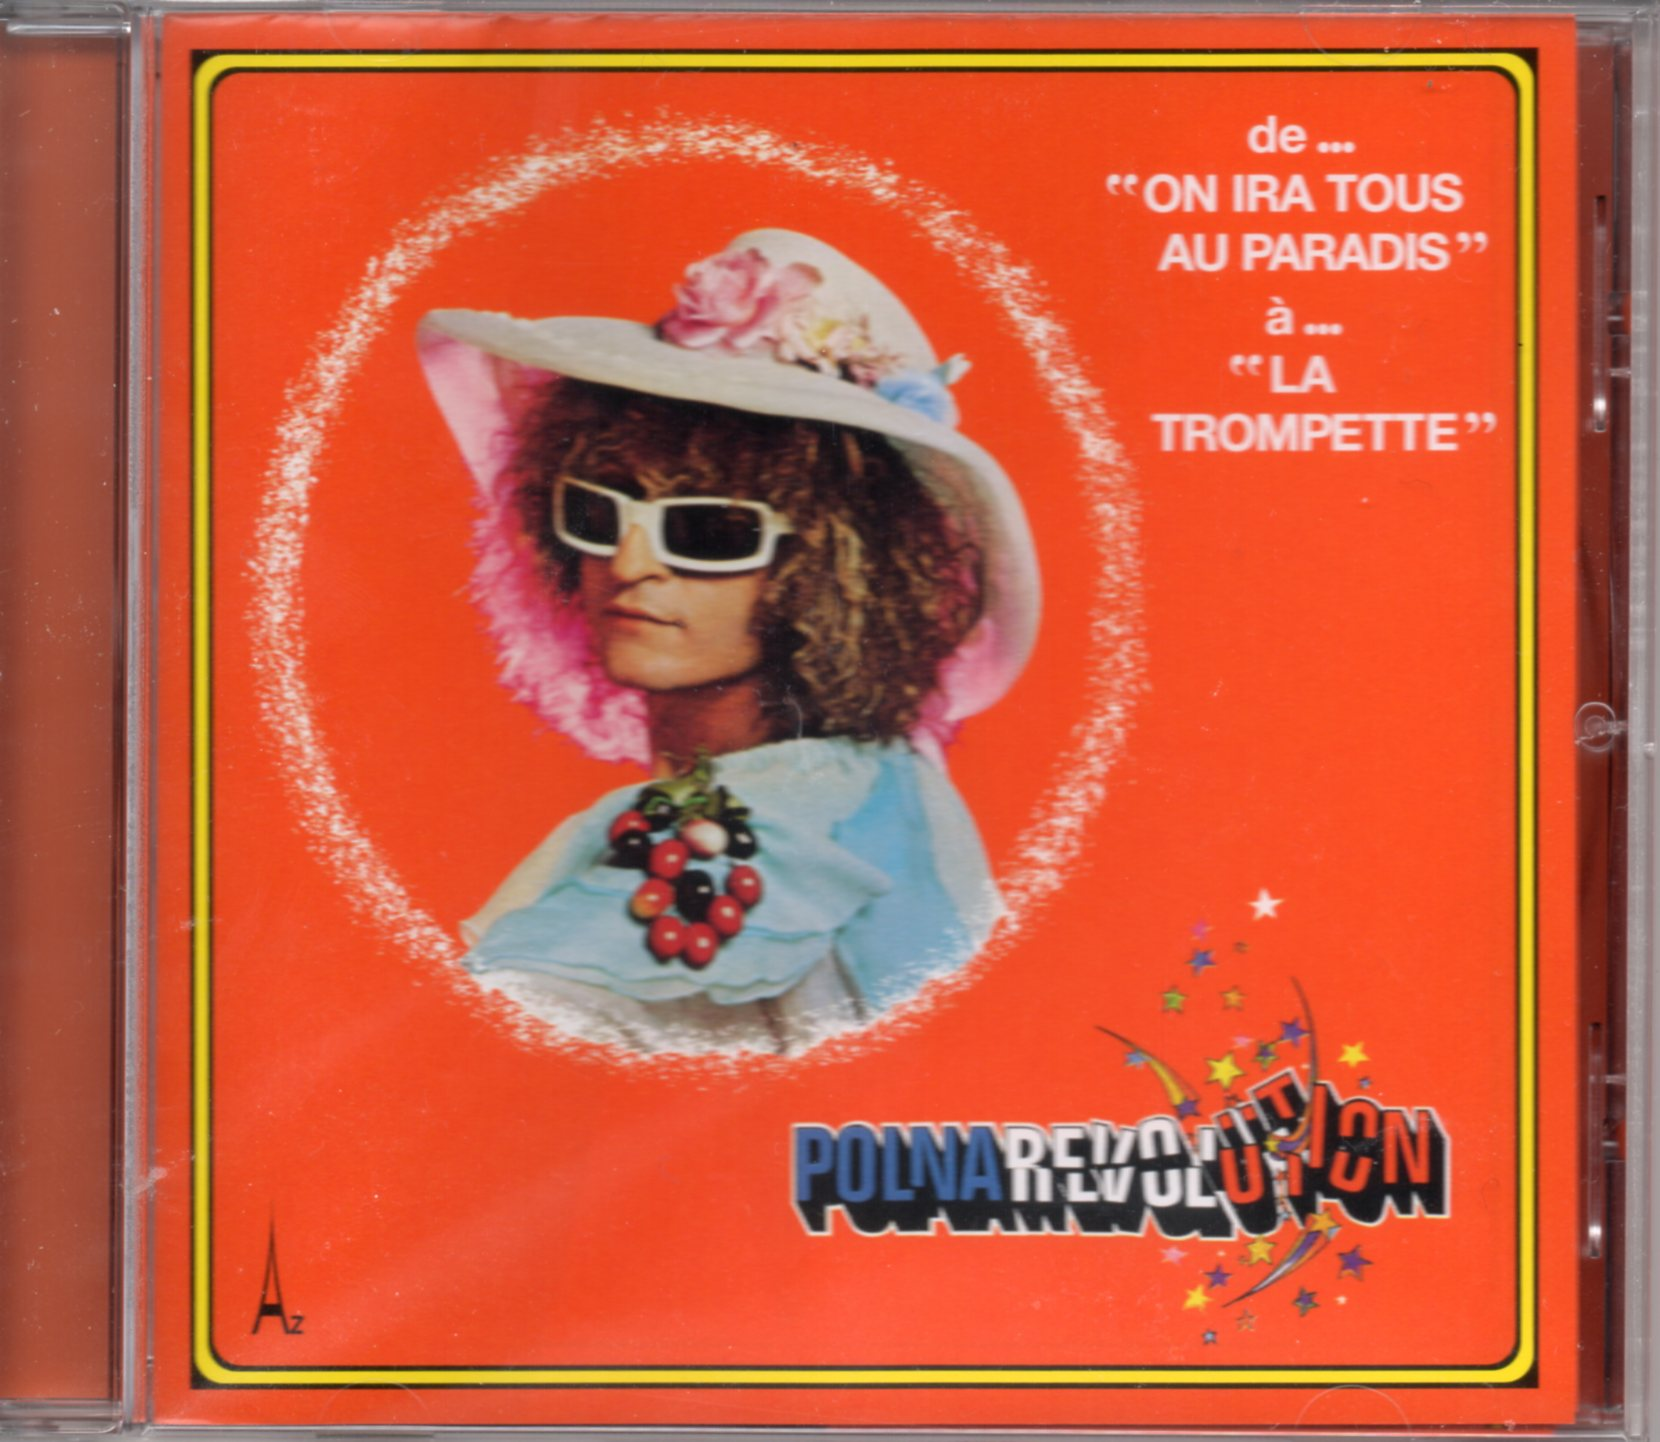 MICHEL POLNAREFF - Polnarévolution - CD